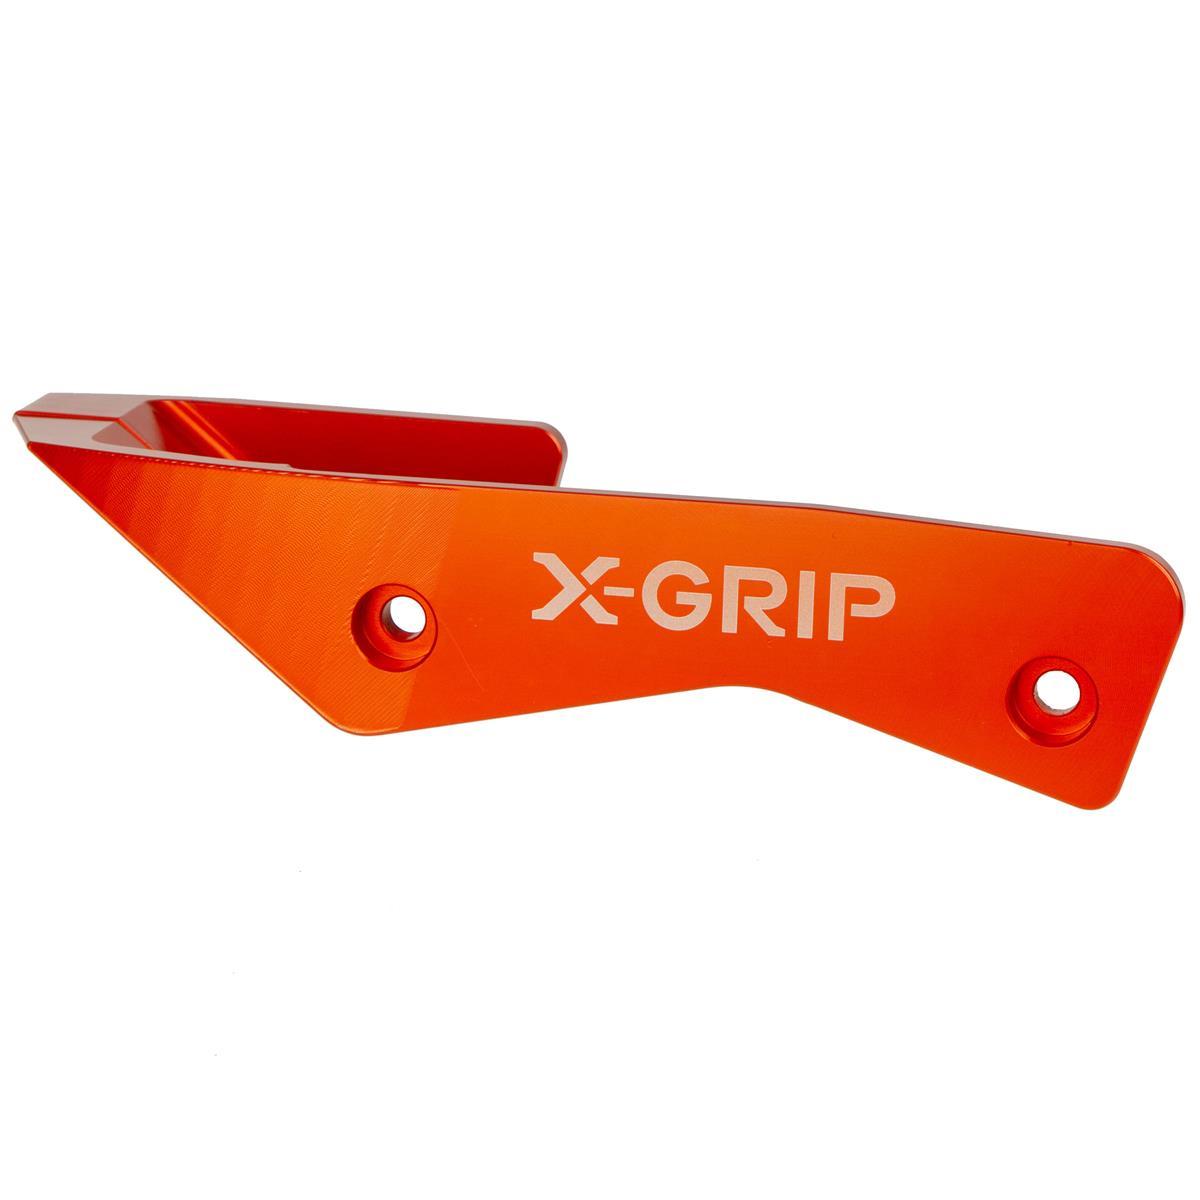 X-Grip Schwingenschutz Aluminium KTM SX/SX-F/EXC/EXC-F 08-19, Husqvarna TE/FE/TC/FC/TX 14-19, Orange